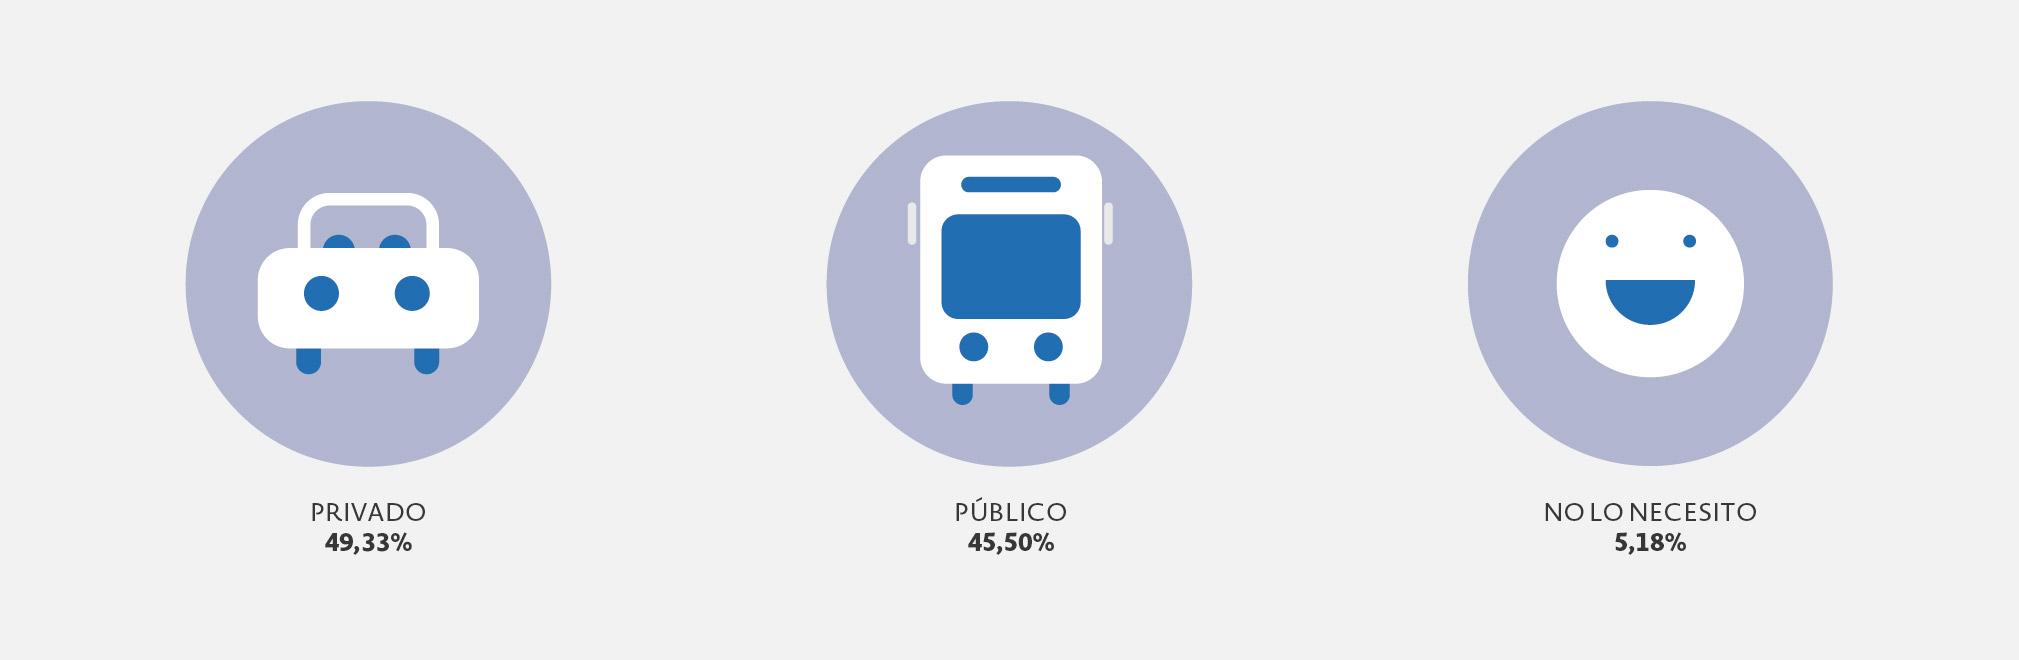 10 hábitos de transporte de los empleados en España_1